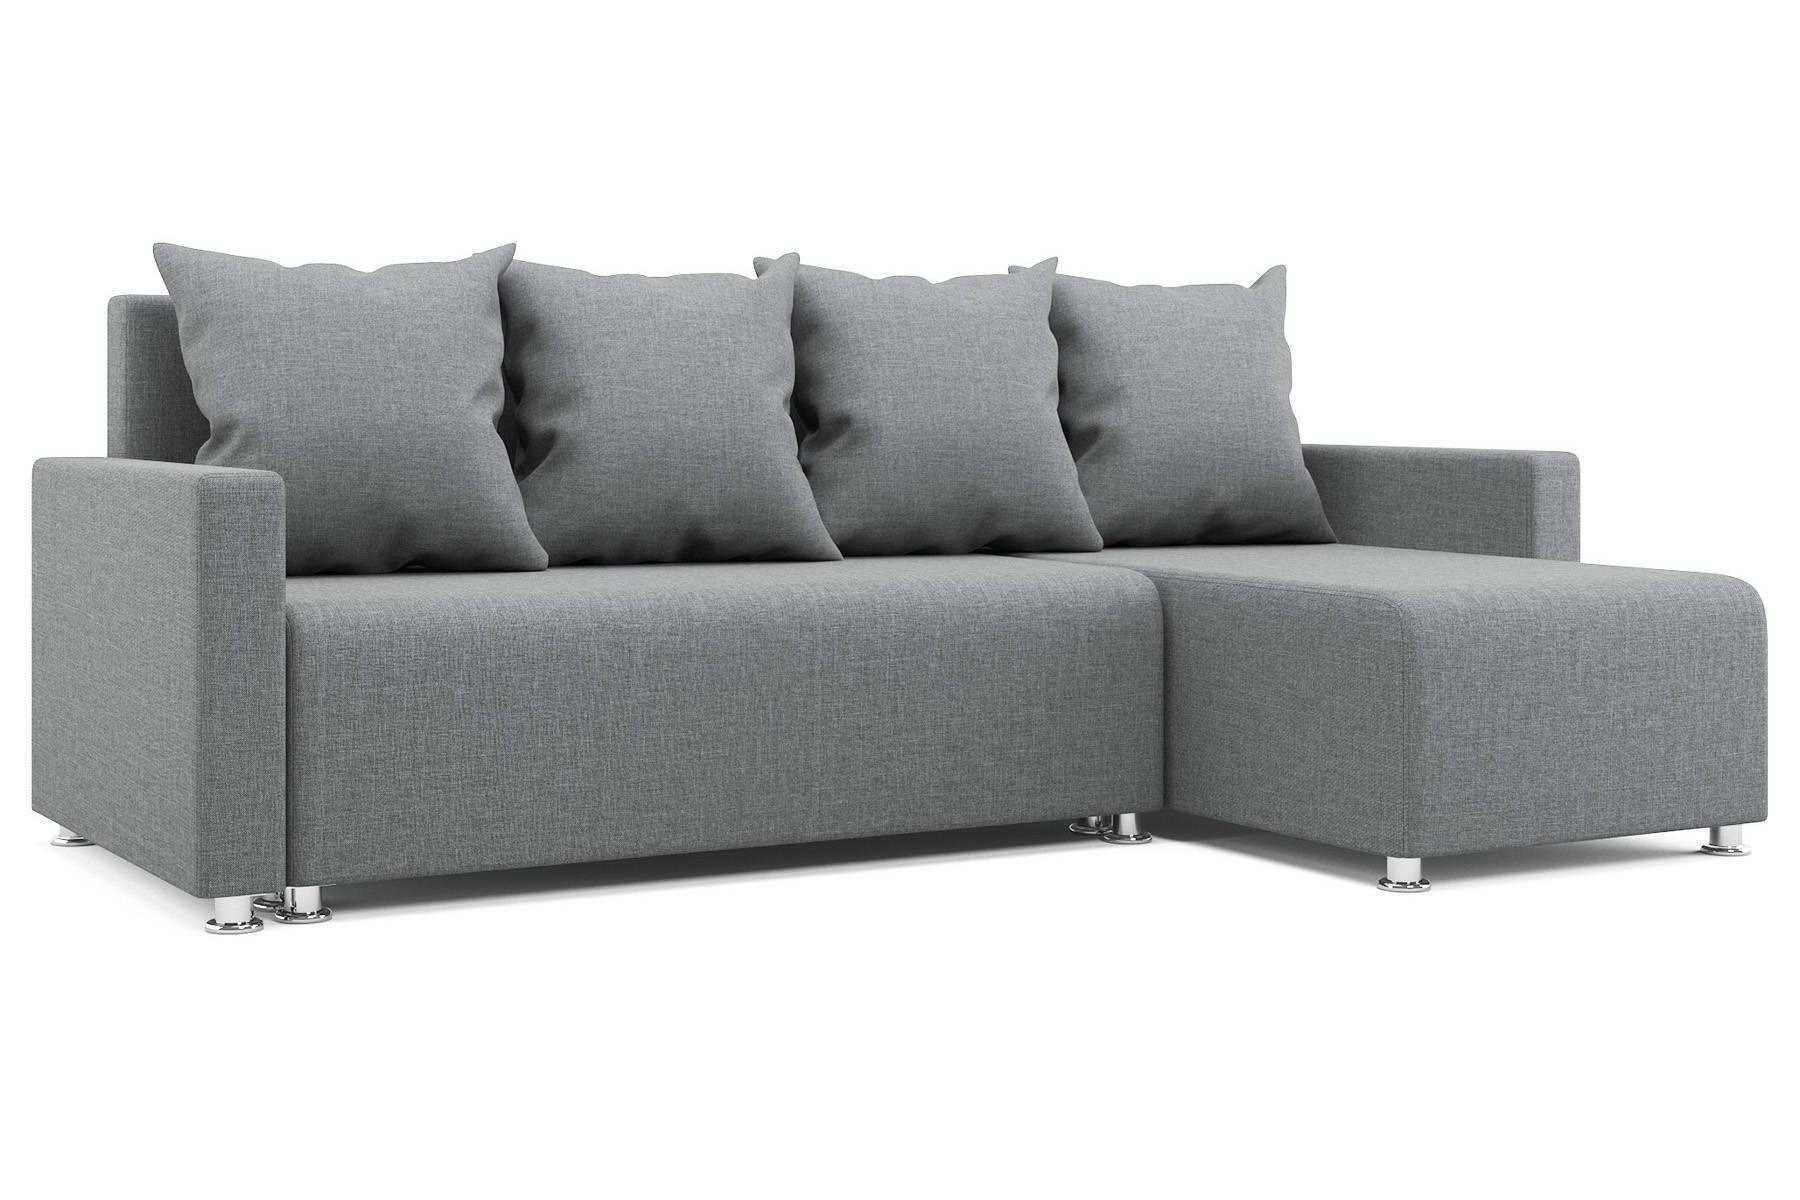 купить диван из экокожи недорого в казани